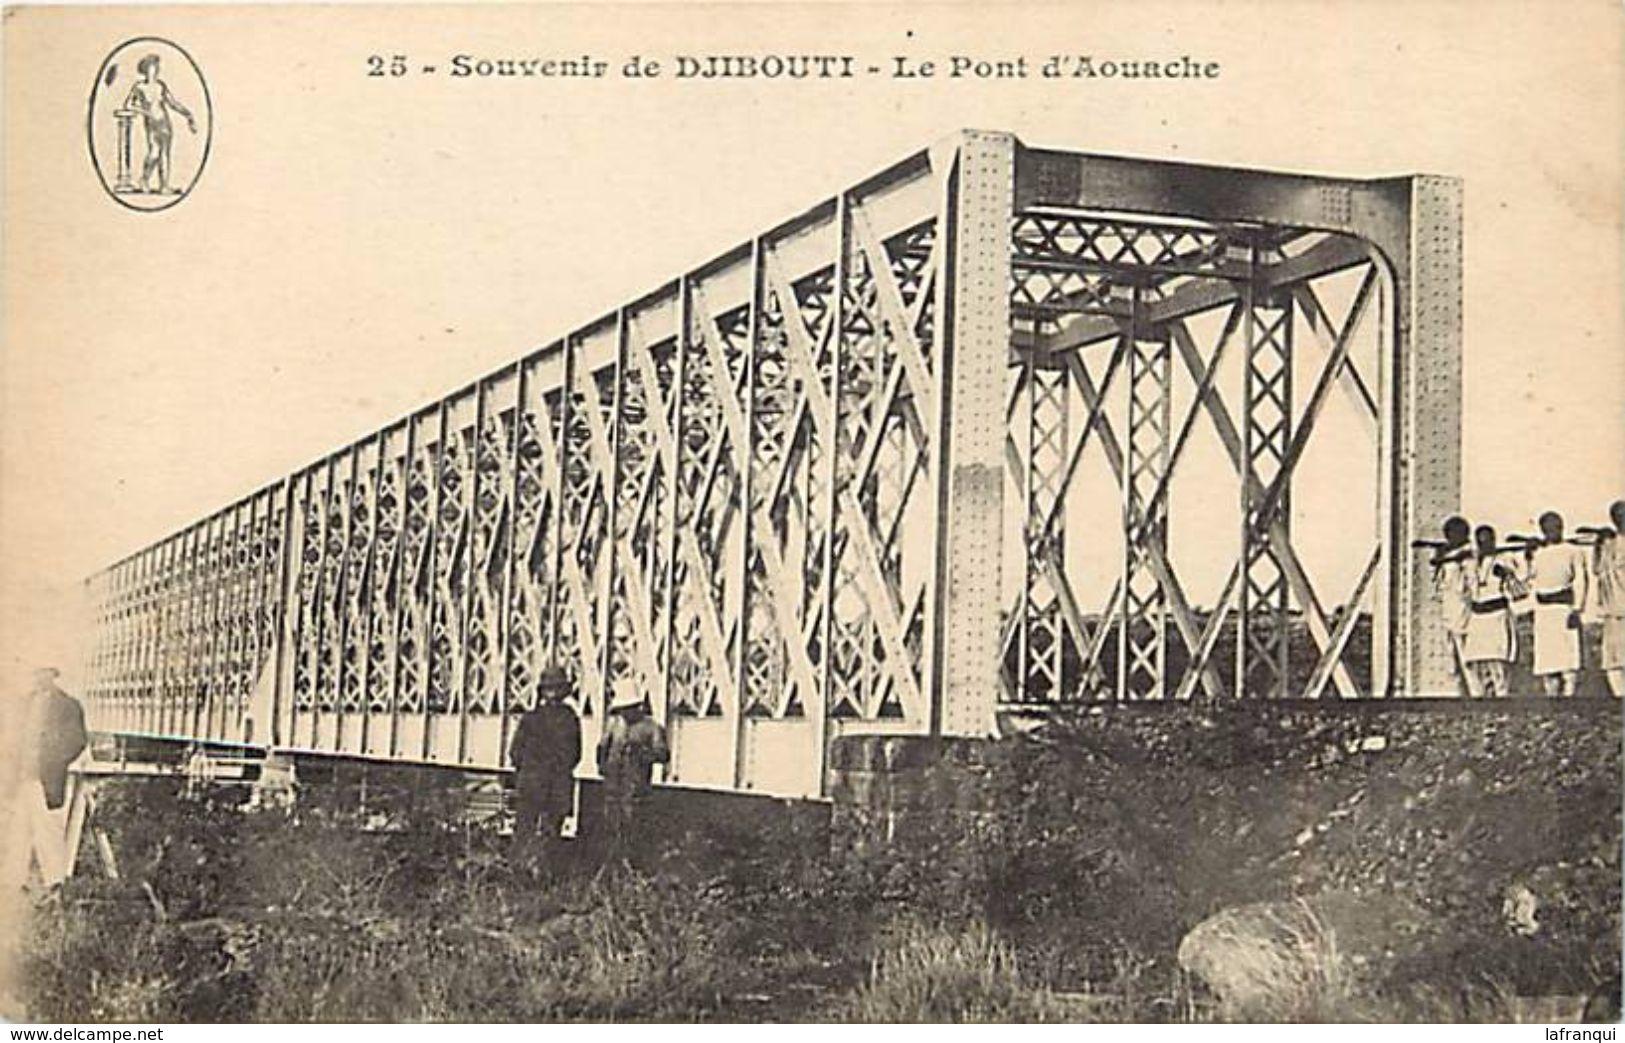 -ref V323- Souvenir De Djibouti - Le Pont D Aouache - Theme Ponts - Bridge - Bridges  - Carte Bon Etat - - Djibouti